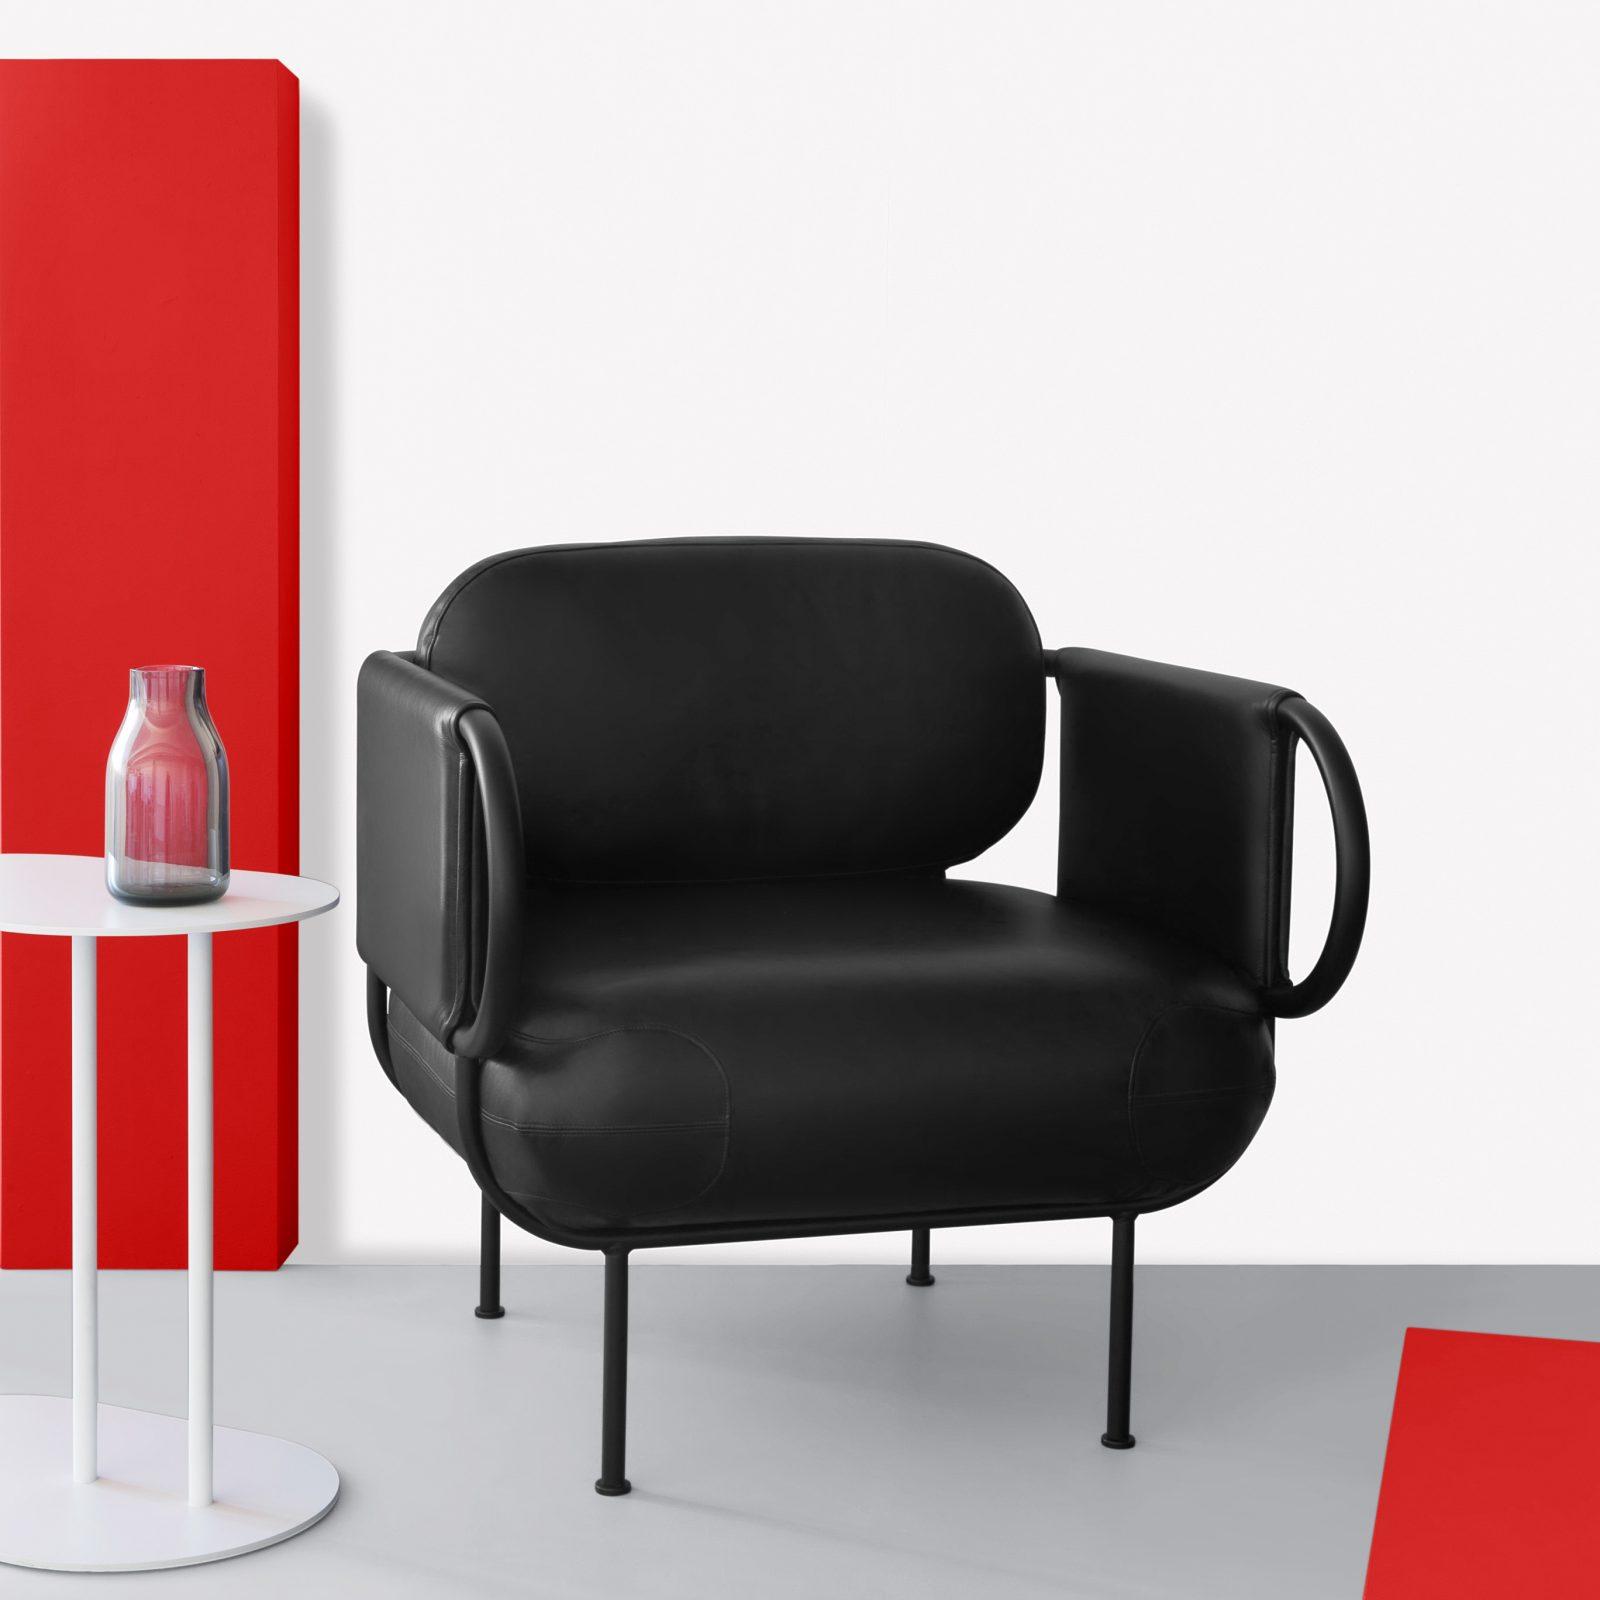 Utopia: Design. Auction. Works.